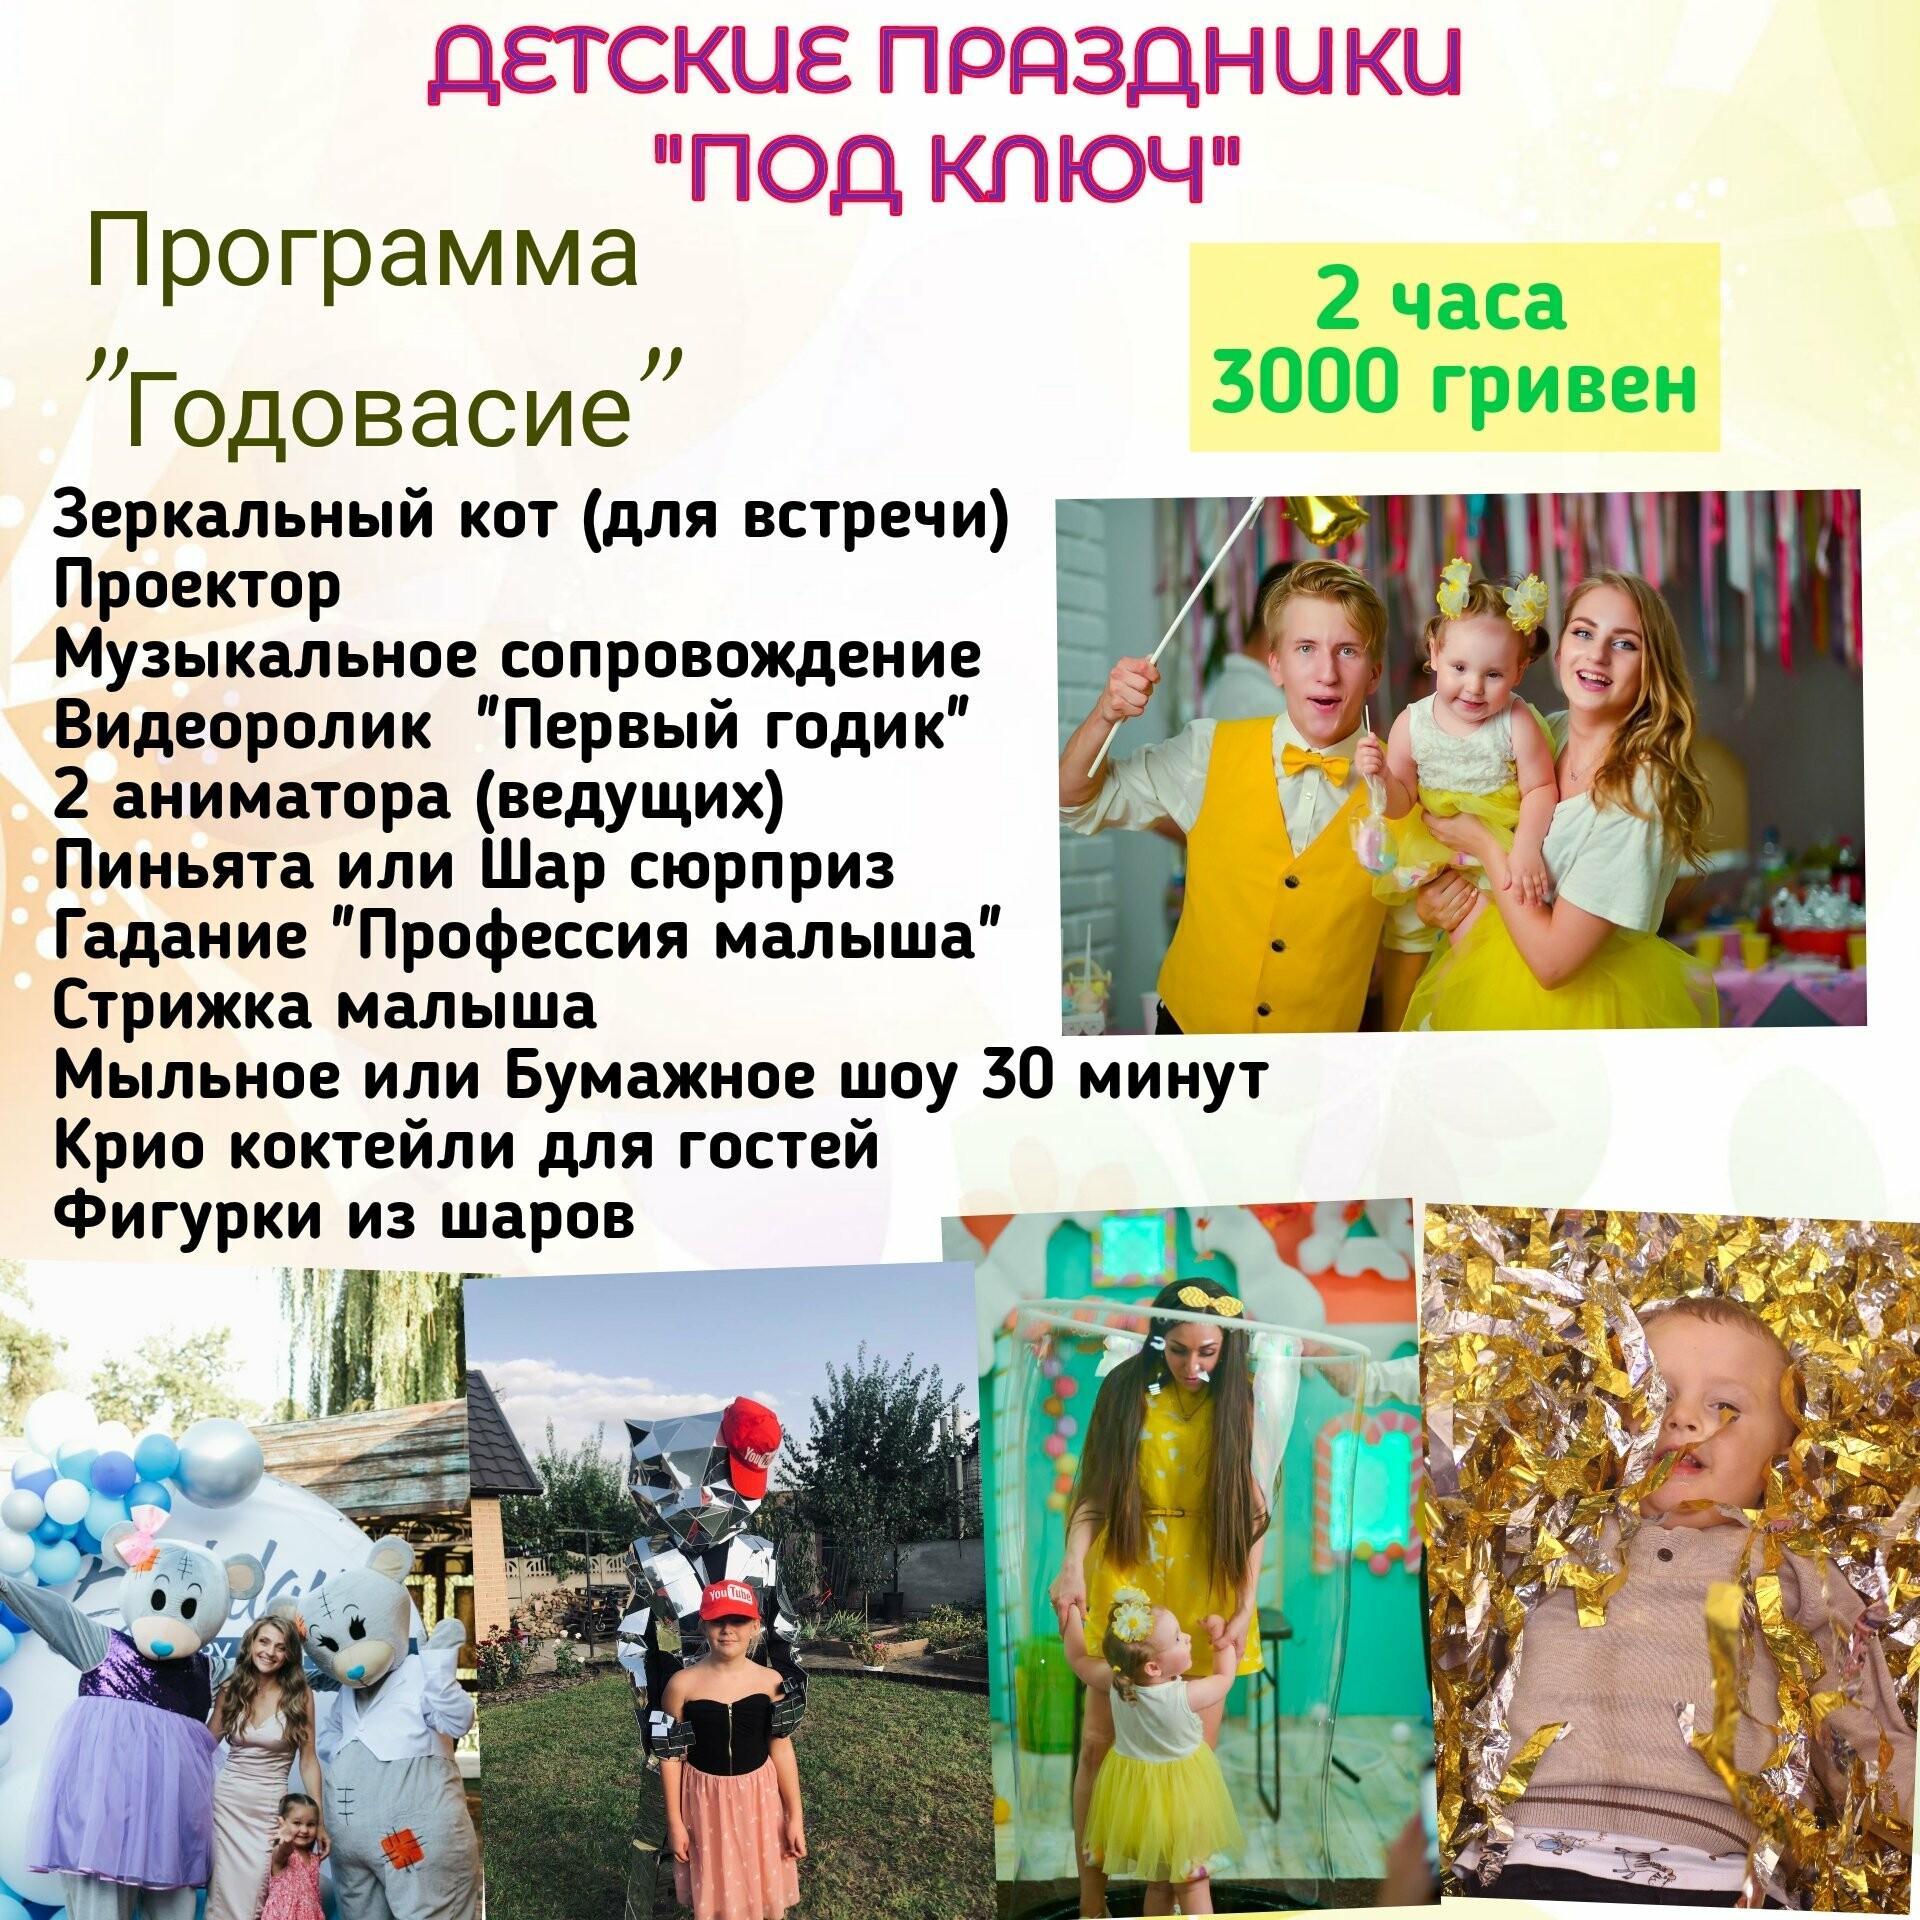 Детский день рождения в Запорожье, выпускной в Запорожье, праздник для именинника в Запорожье только у нас - ресторанный комплекс Раут г...., фото-7